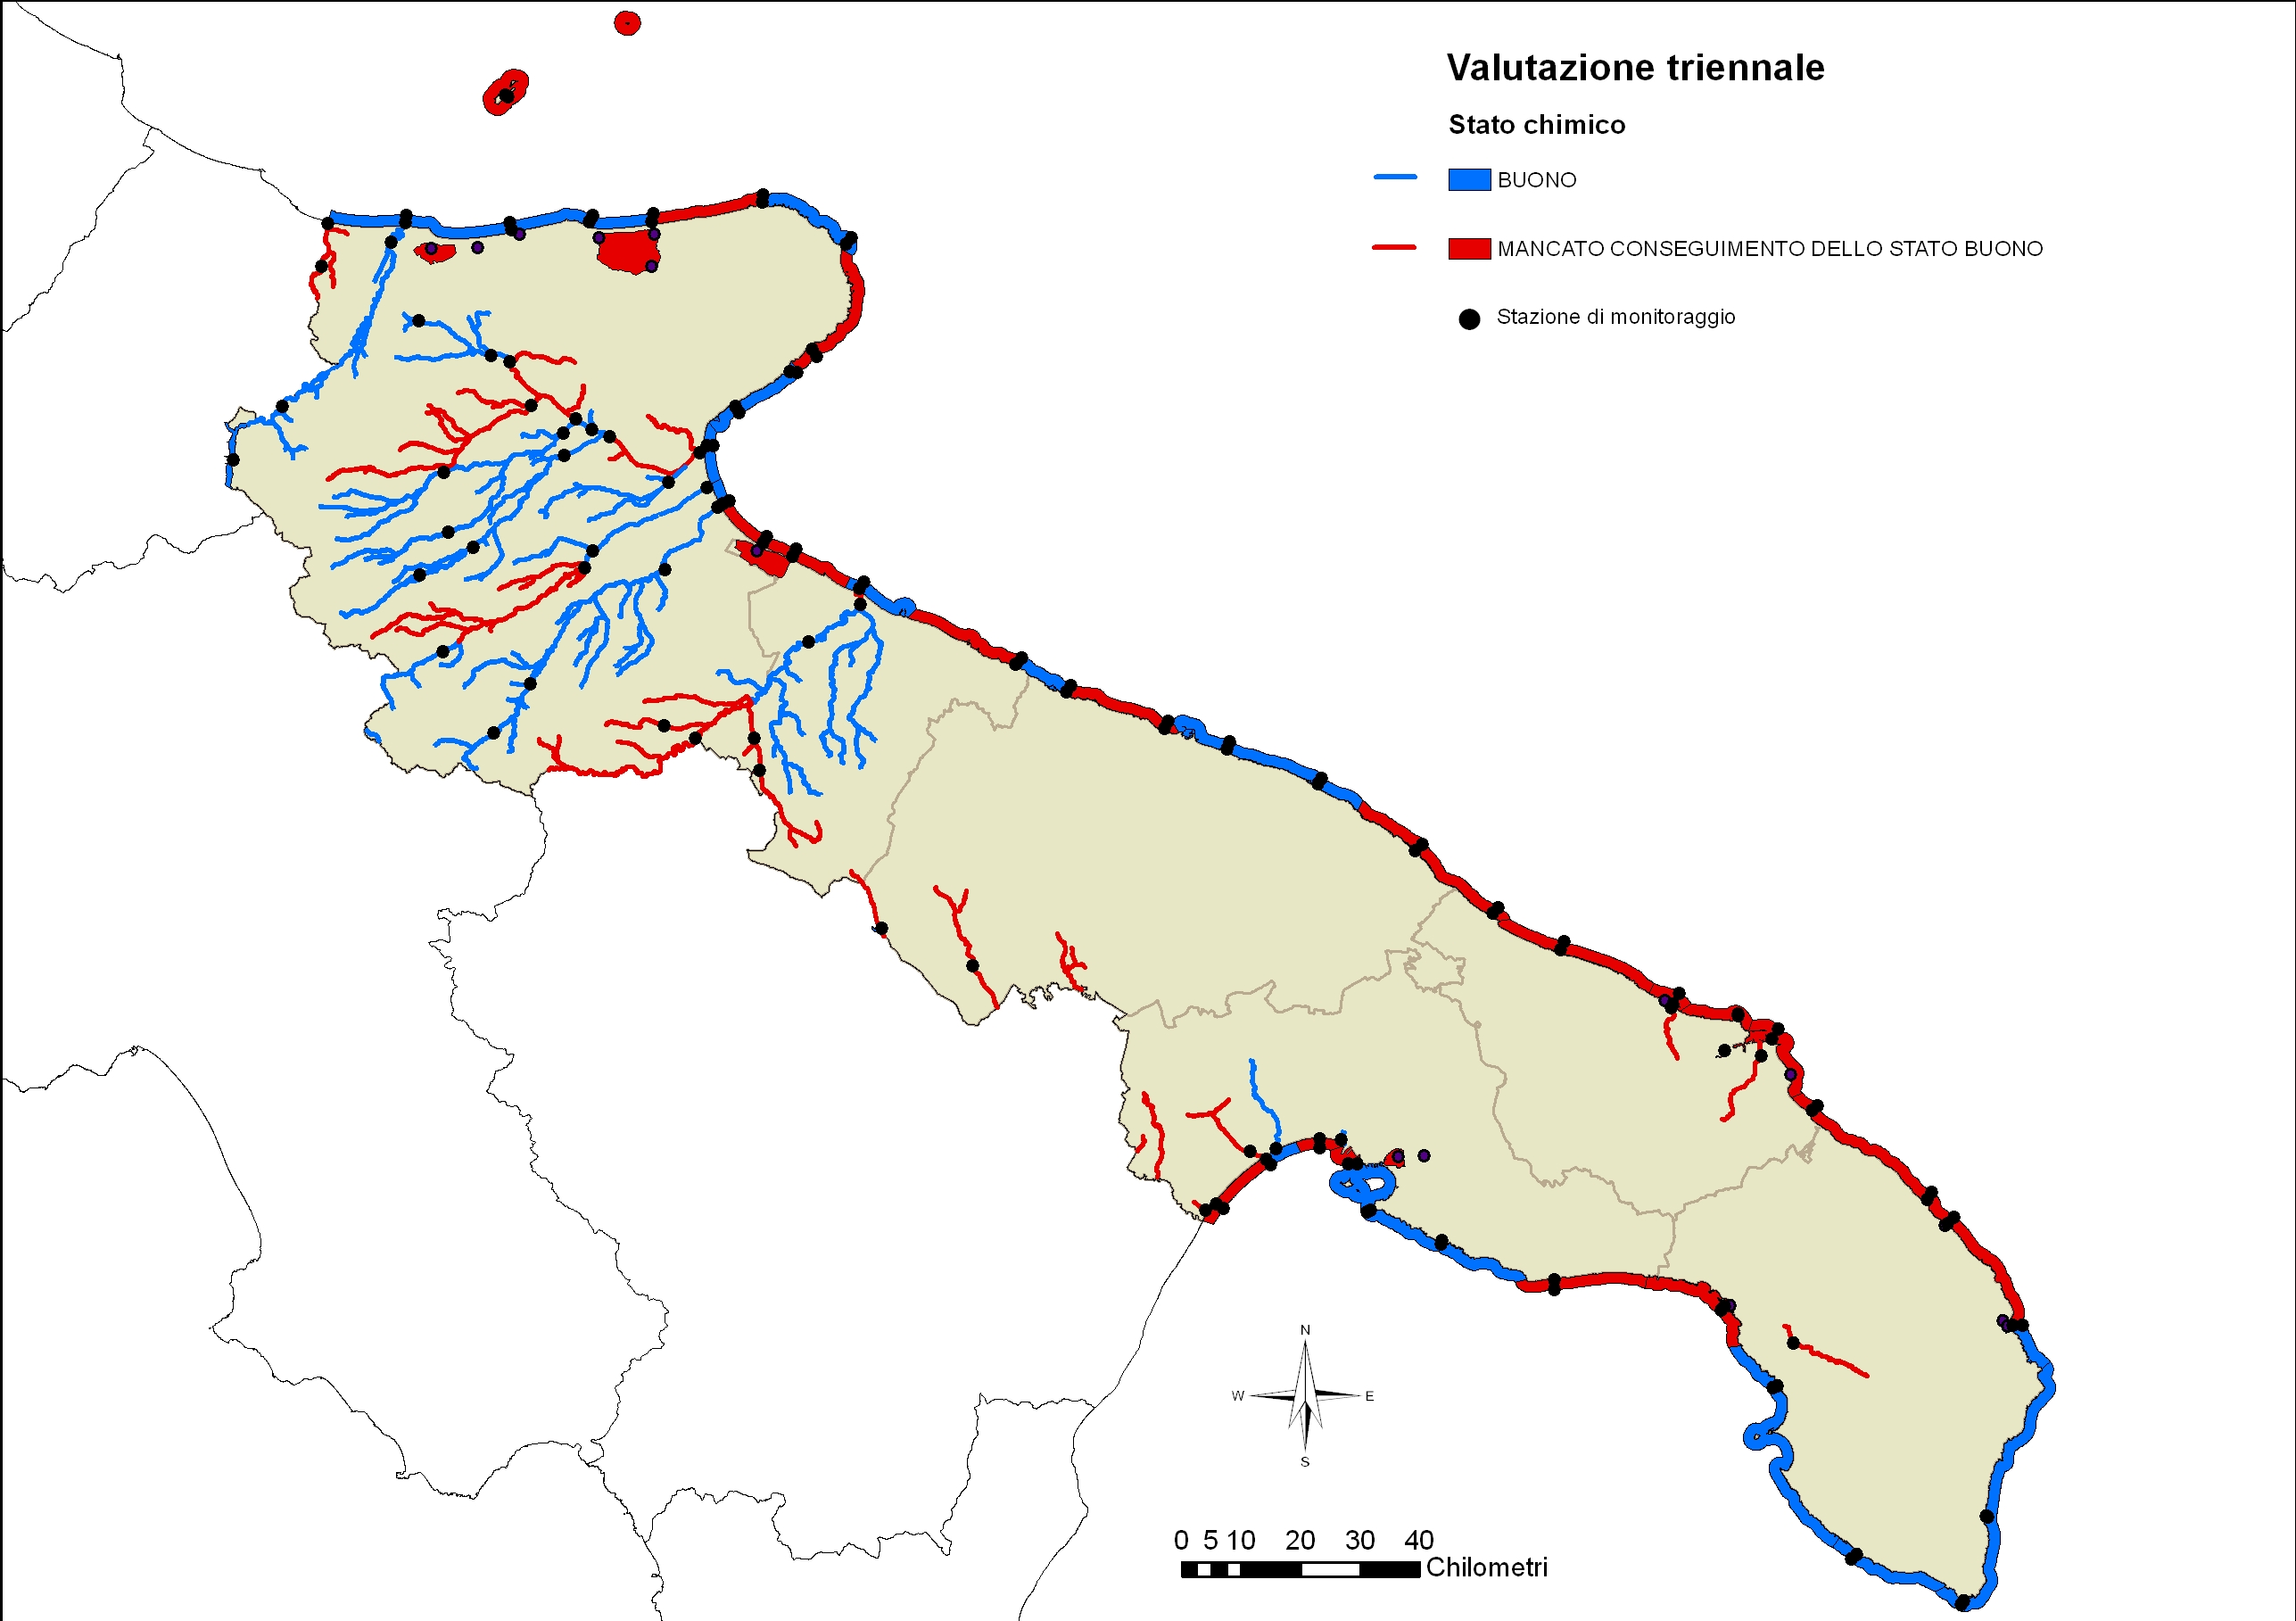 Valutazione triennale: carta della Regione Puglia che indica lo stato chimico, da